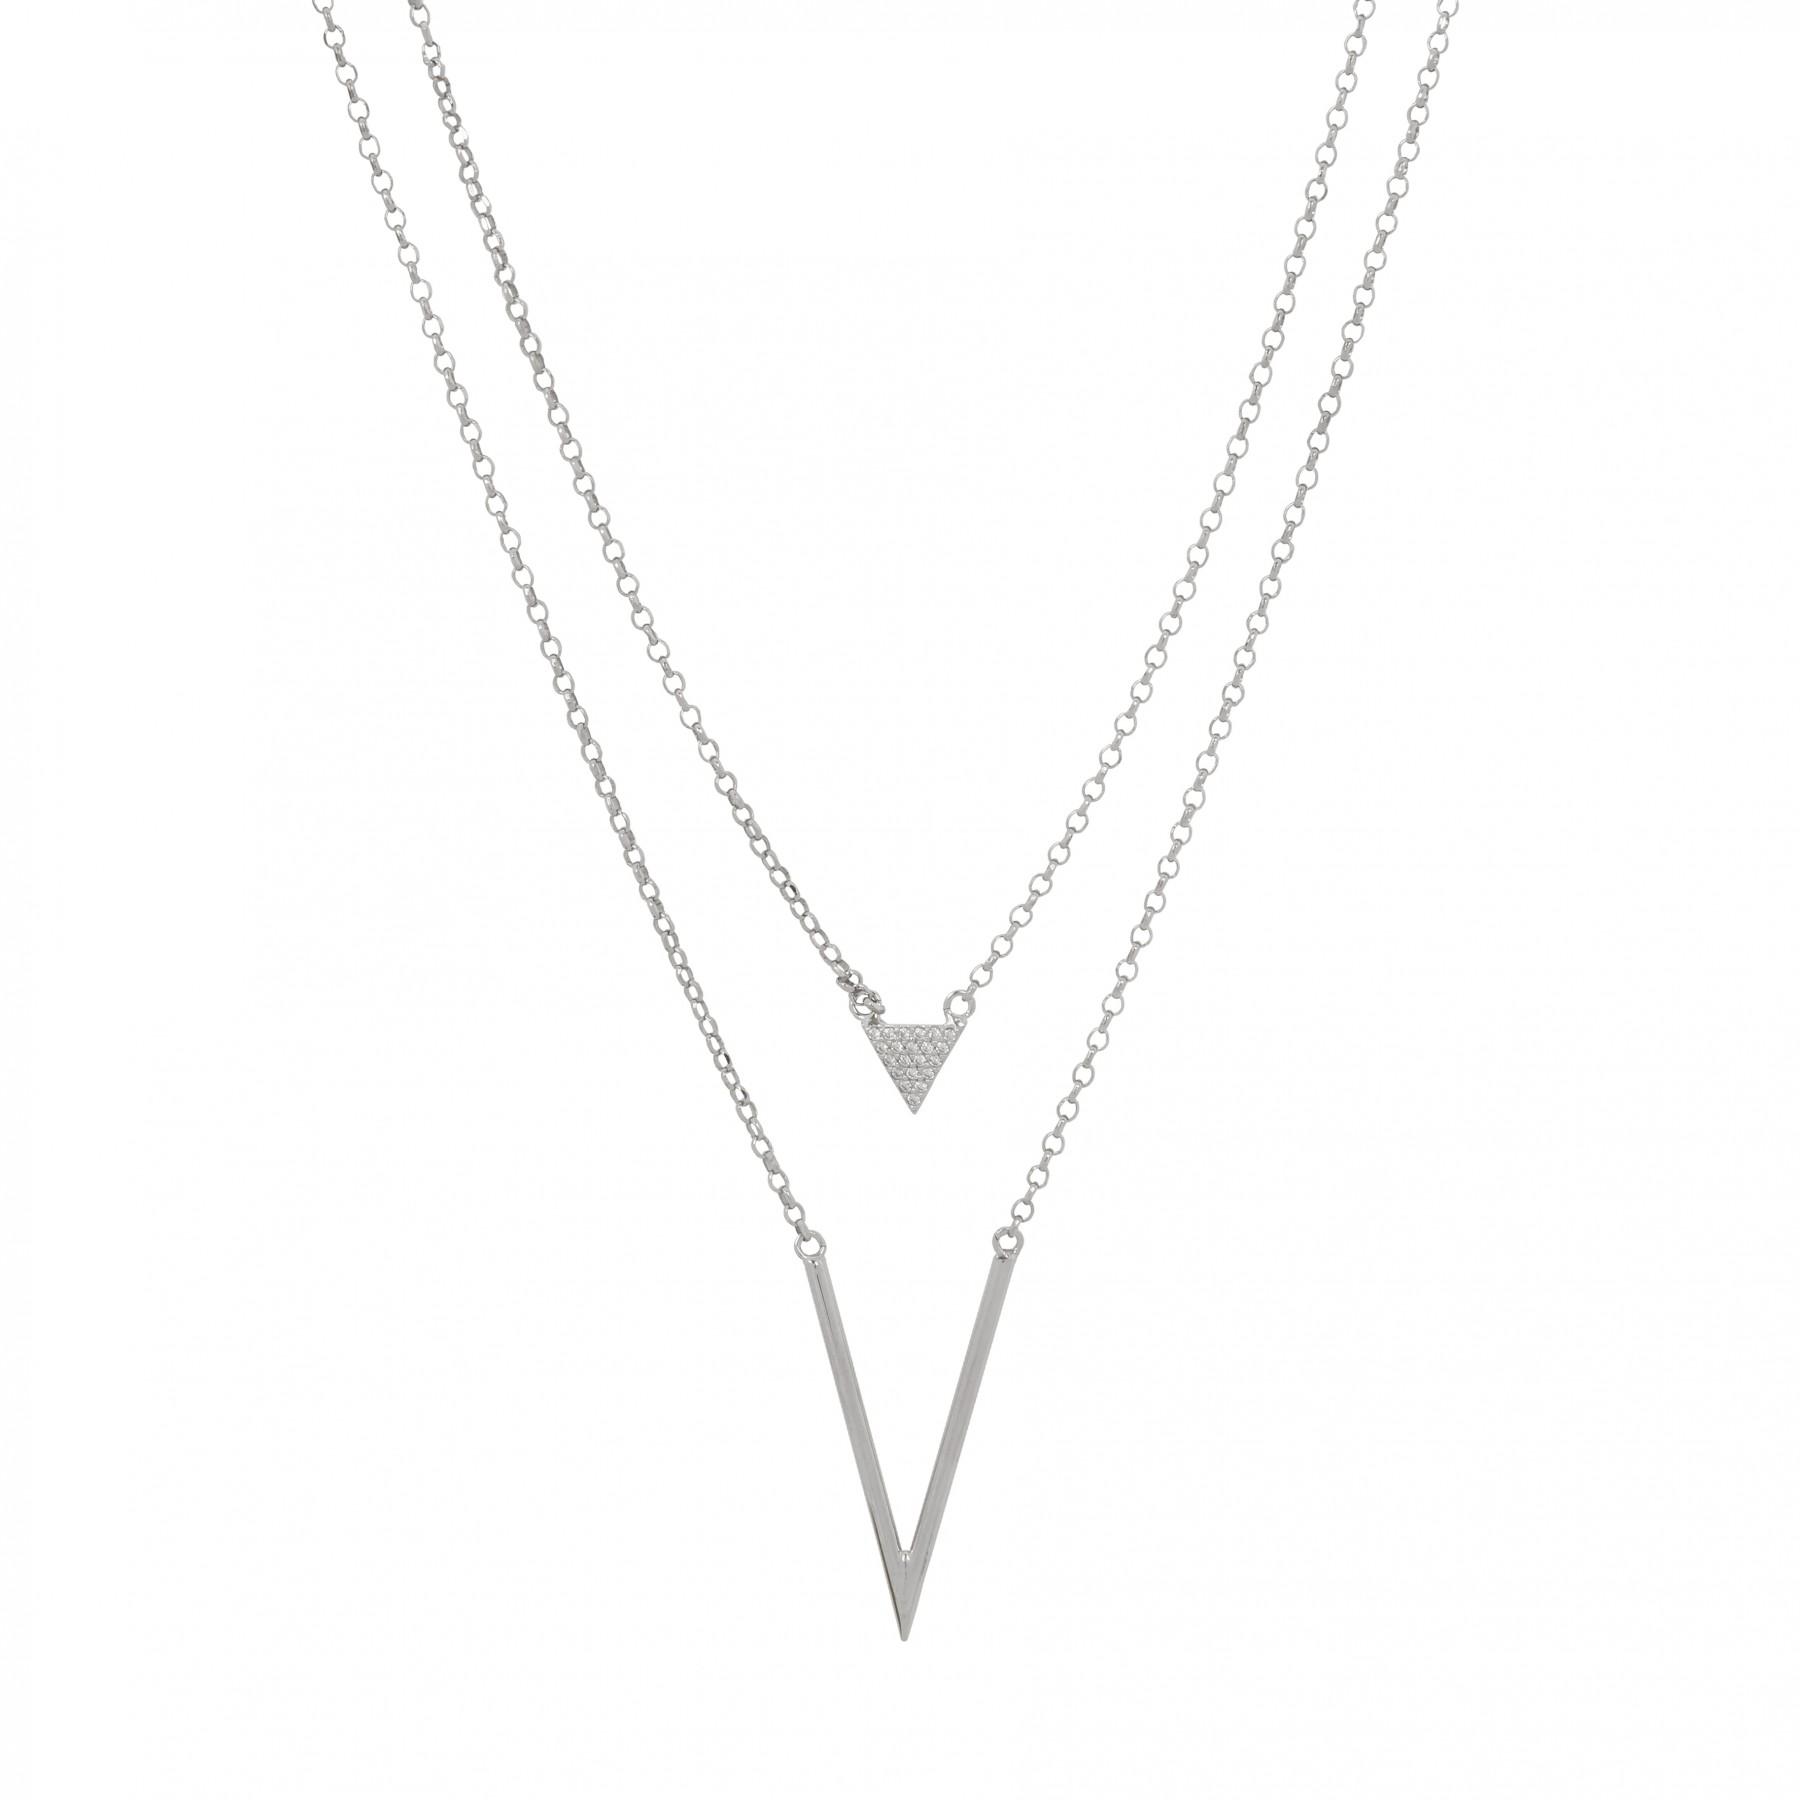 Lovenotes Zilveren Multi-layercollier Driehoek 43-48 Cm gerodineerd 102.0569.48